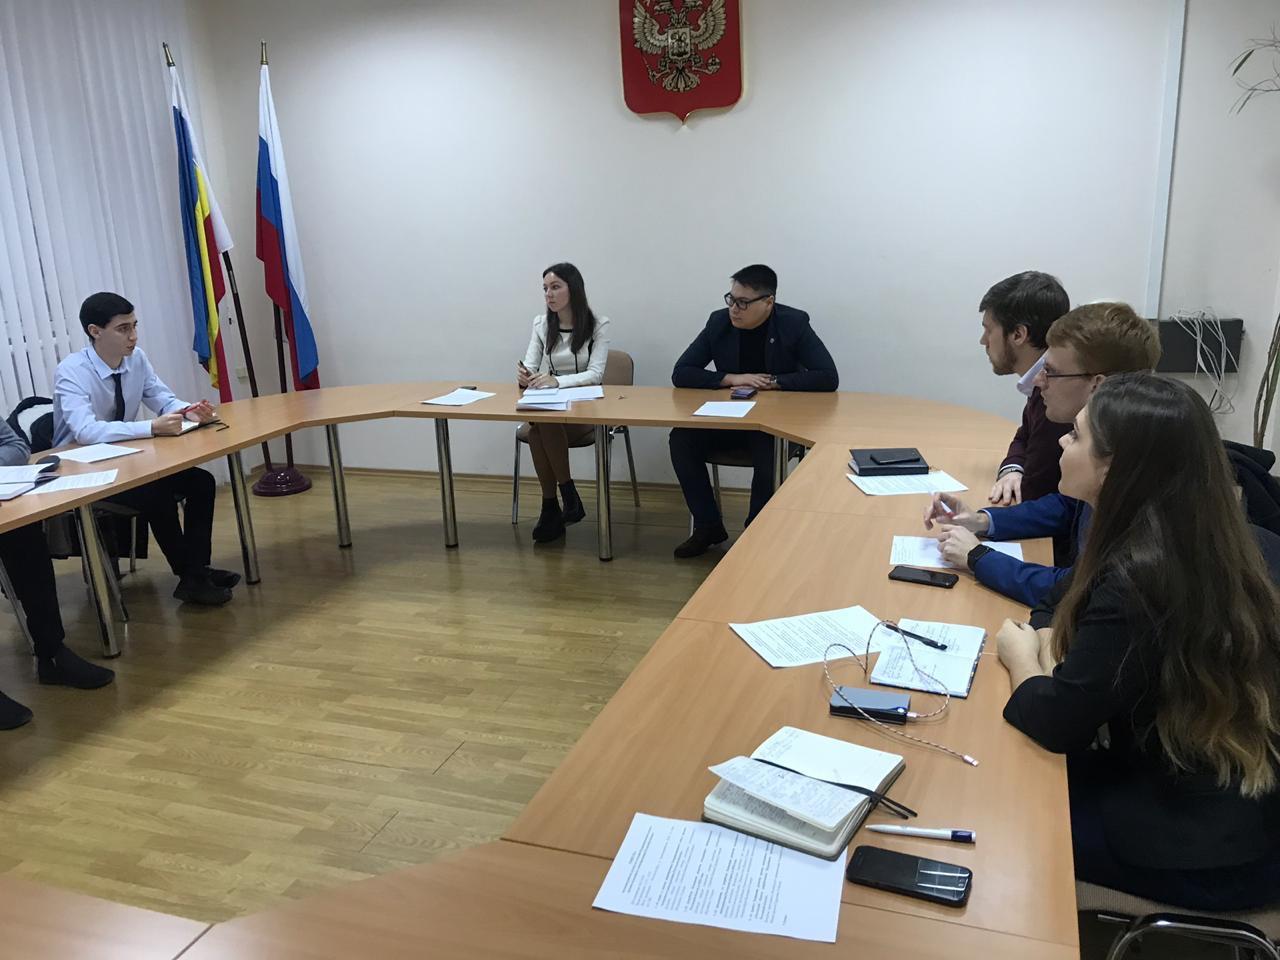 Председатель Молодёжного парламента города Шахты принял участие в заседании рабочей группы по созданию Координационного совета органов молодежного самоуправления Ростовской области.